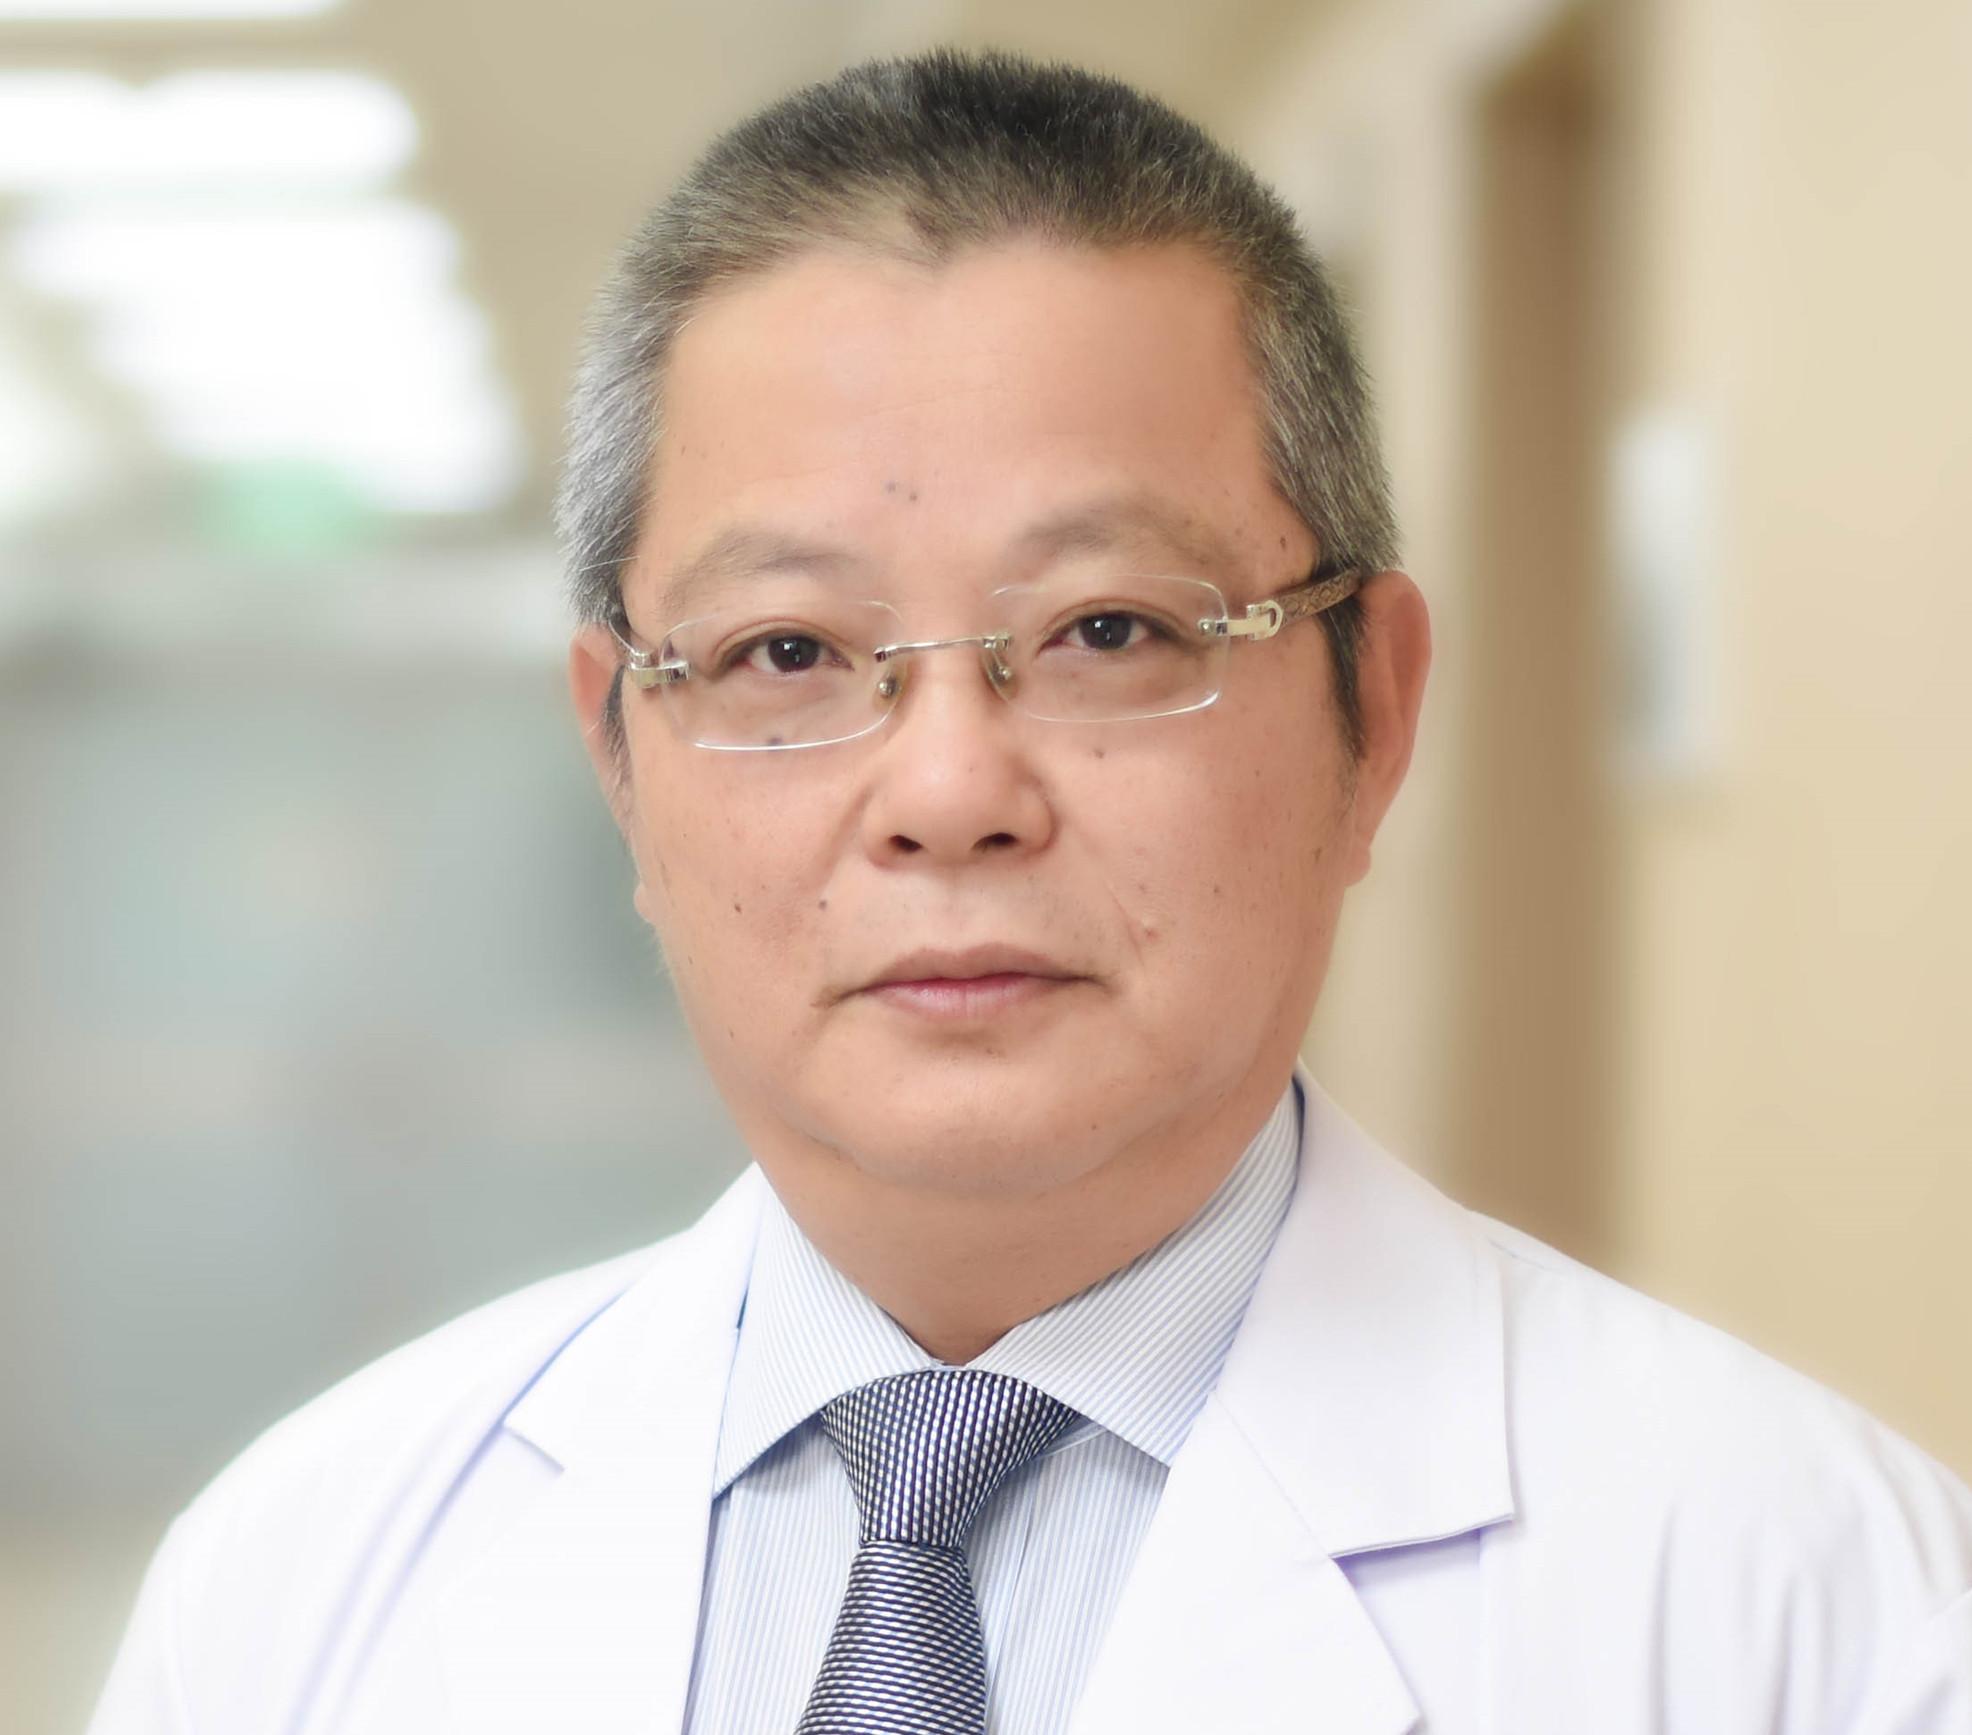 余姚市人民医院急诊科主任 李子龙照片